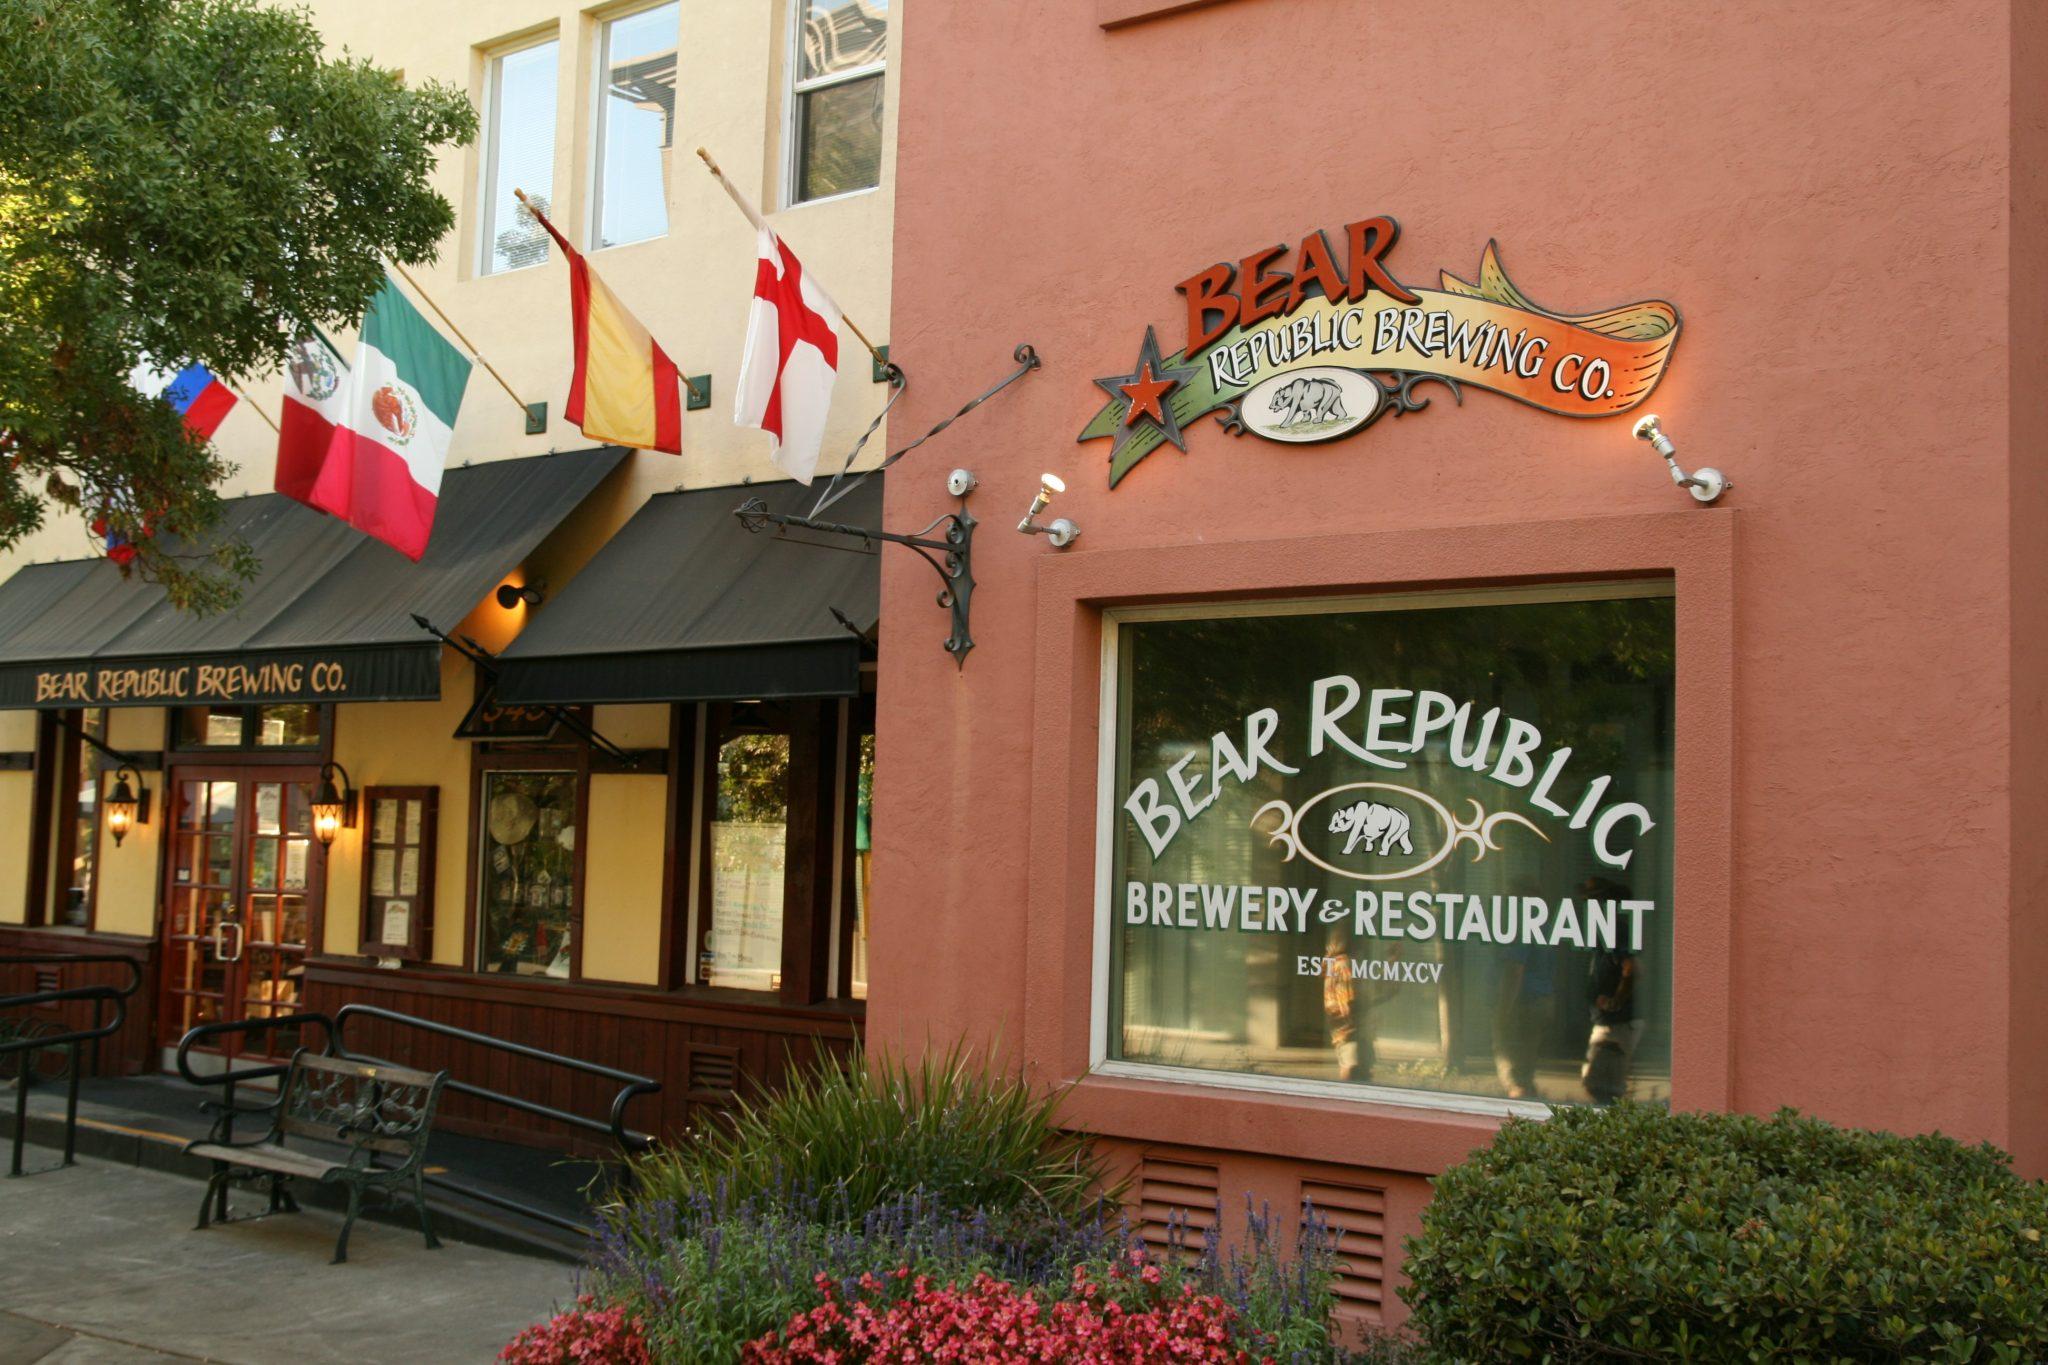 Bear Republic - Healdsburg, California - top 10 beers in California